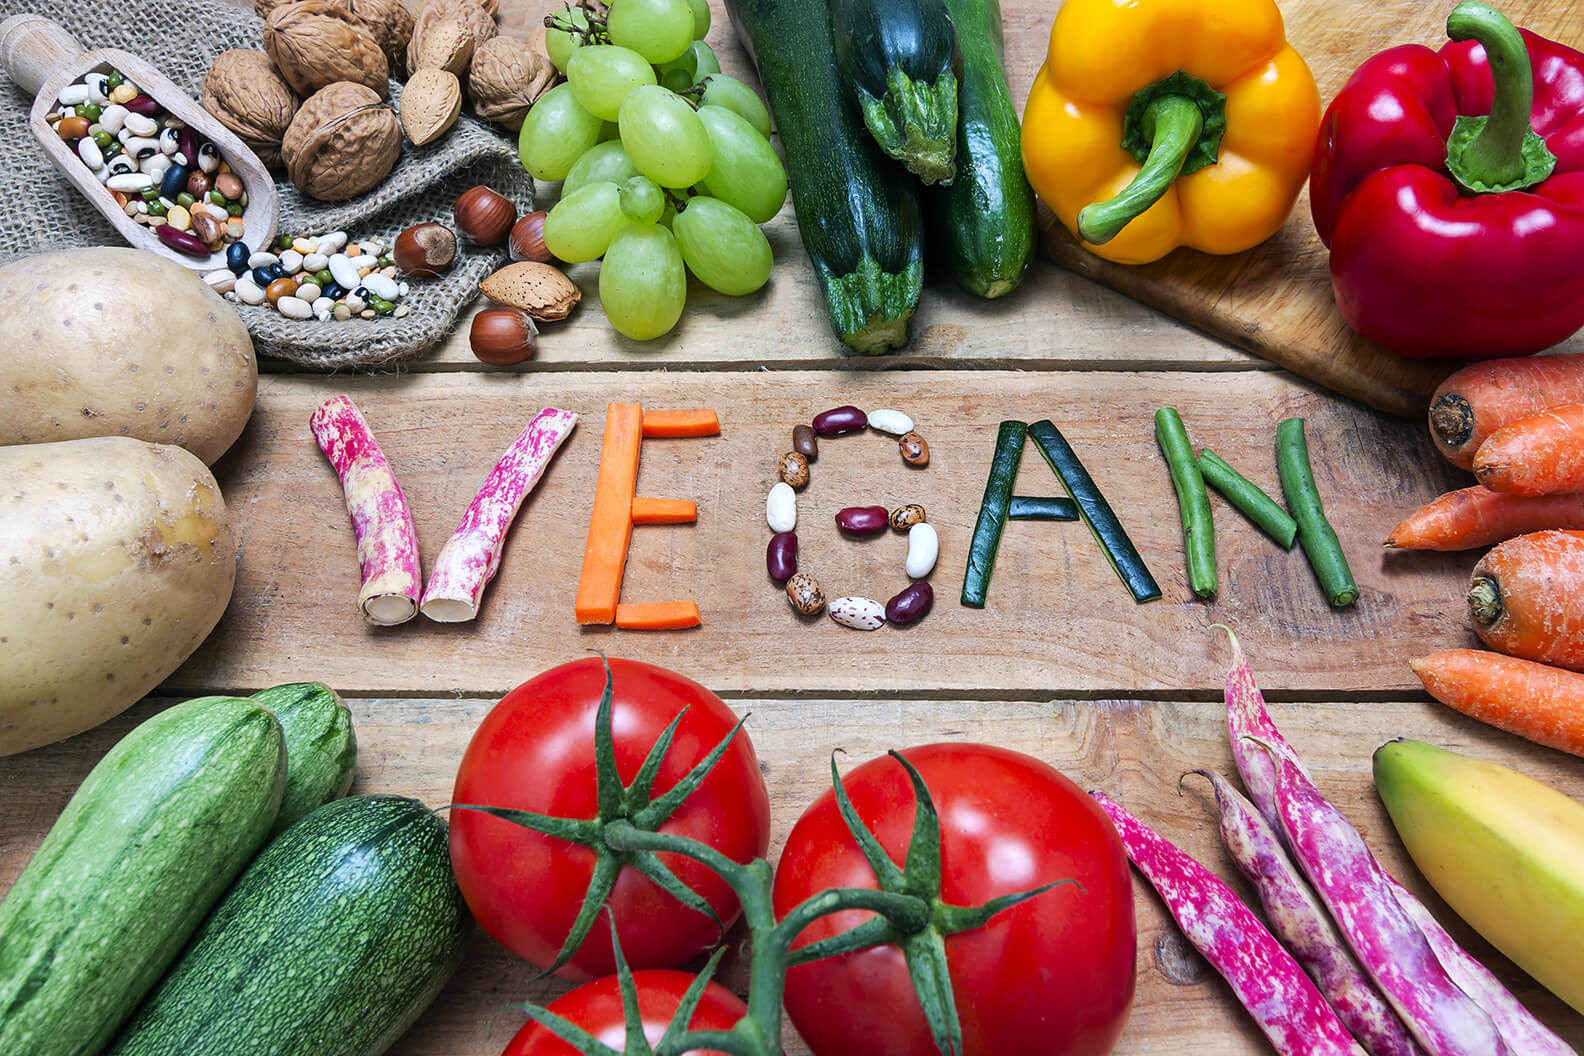 Online Vortrag über vegane Ernährung